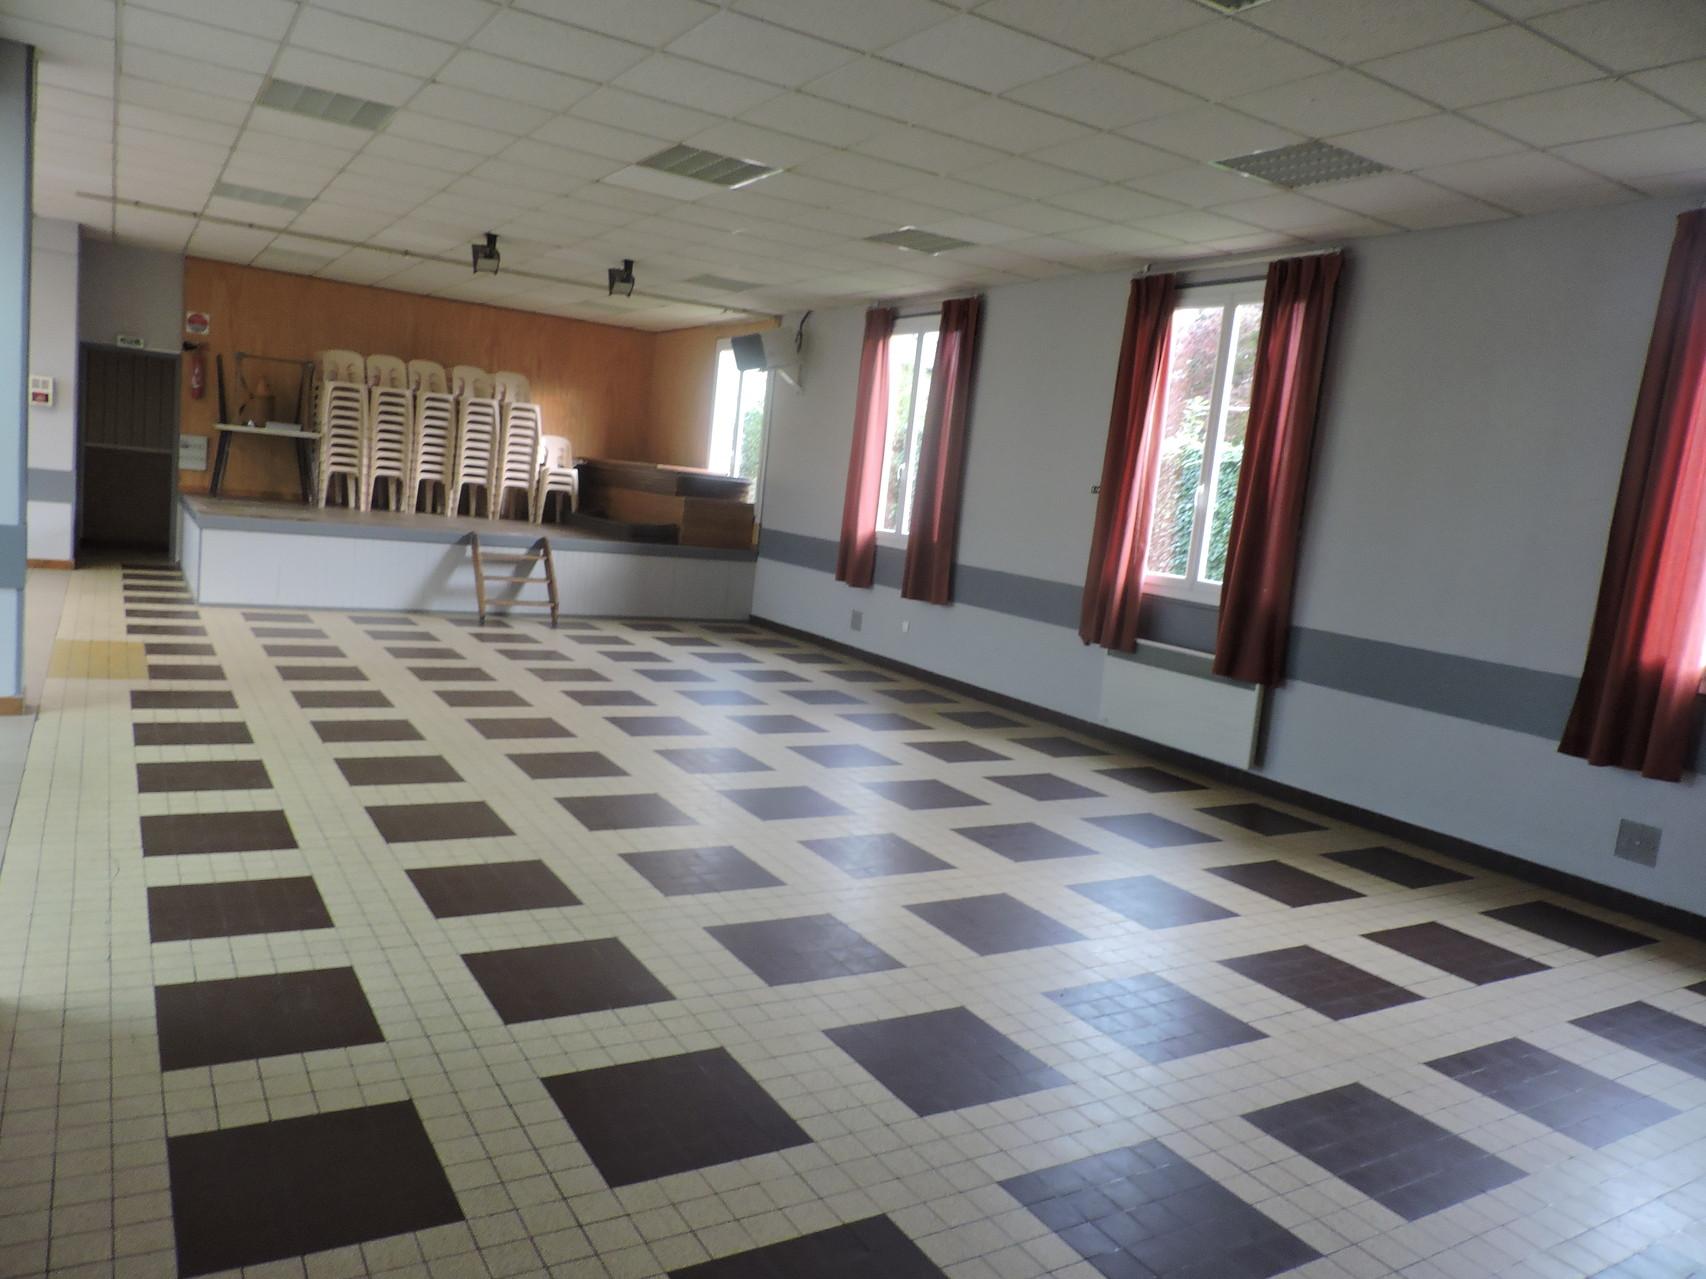 La salle et la scéne -  à gauche de la scéne l'accès à la cuisine